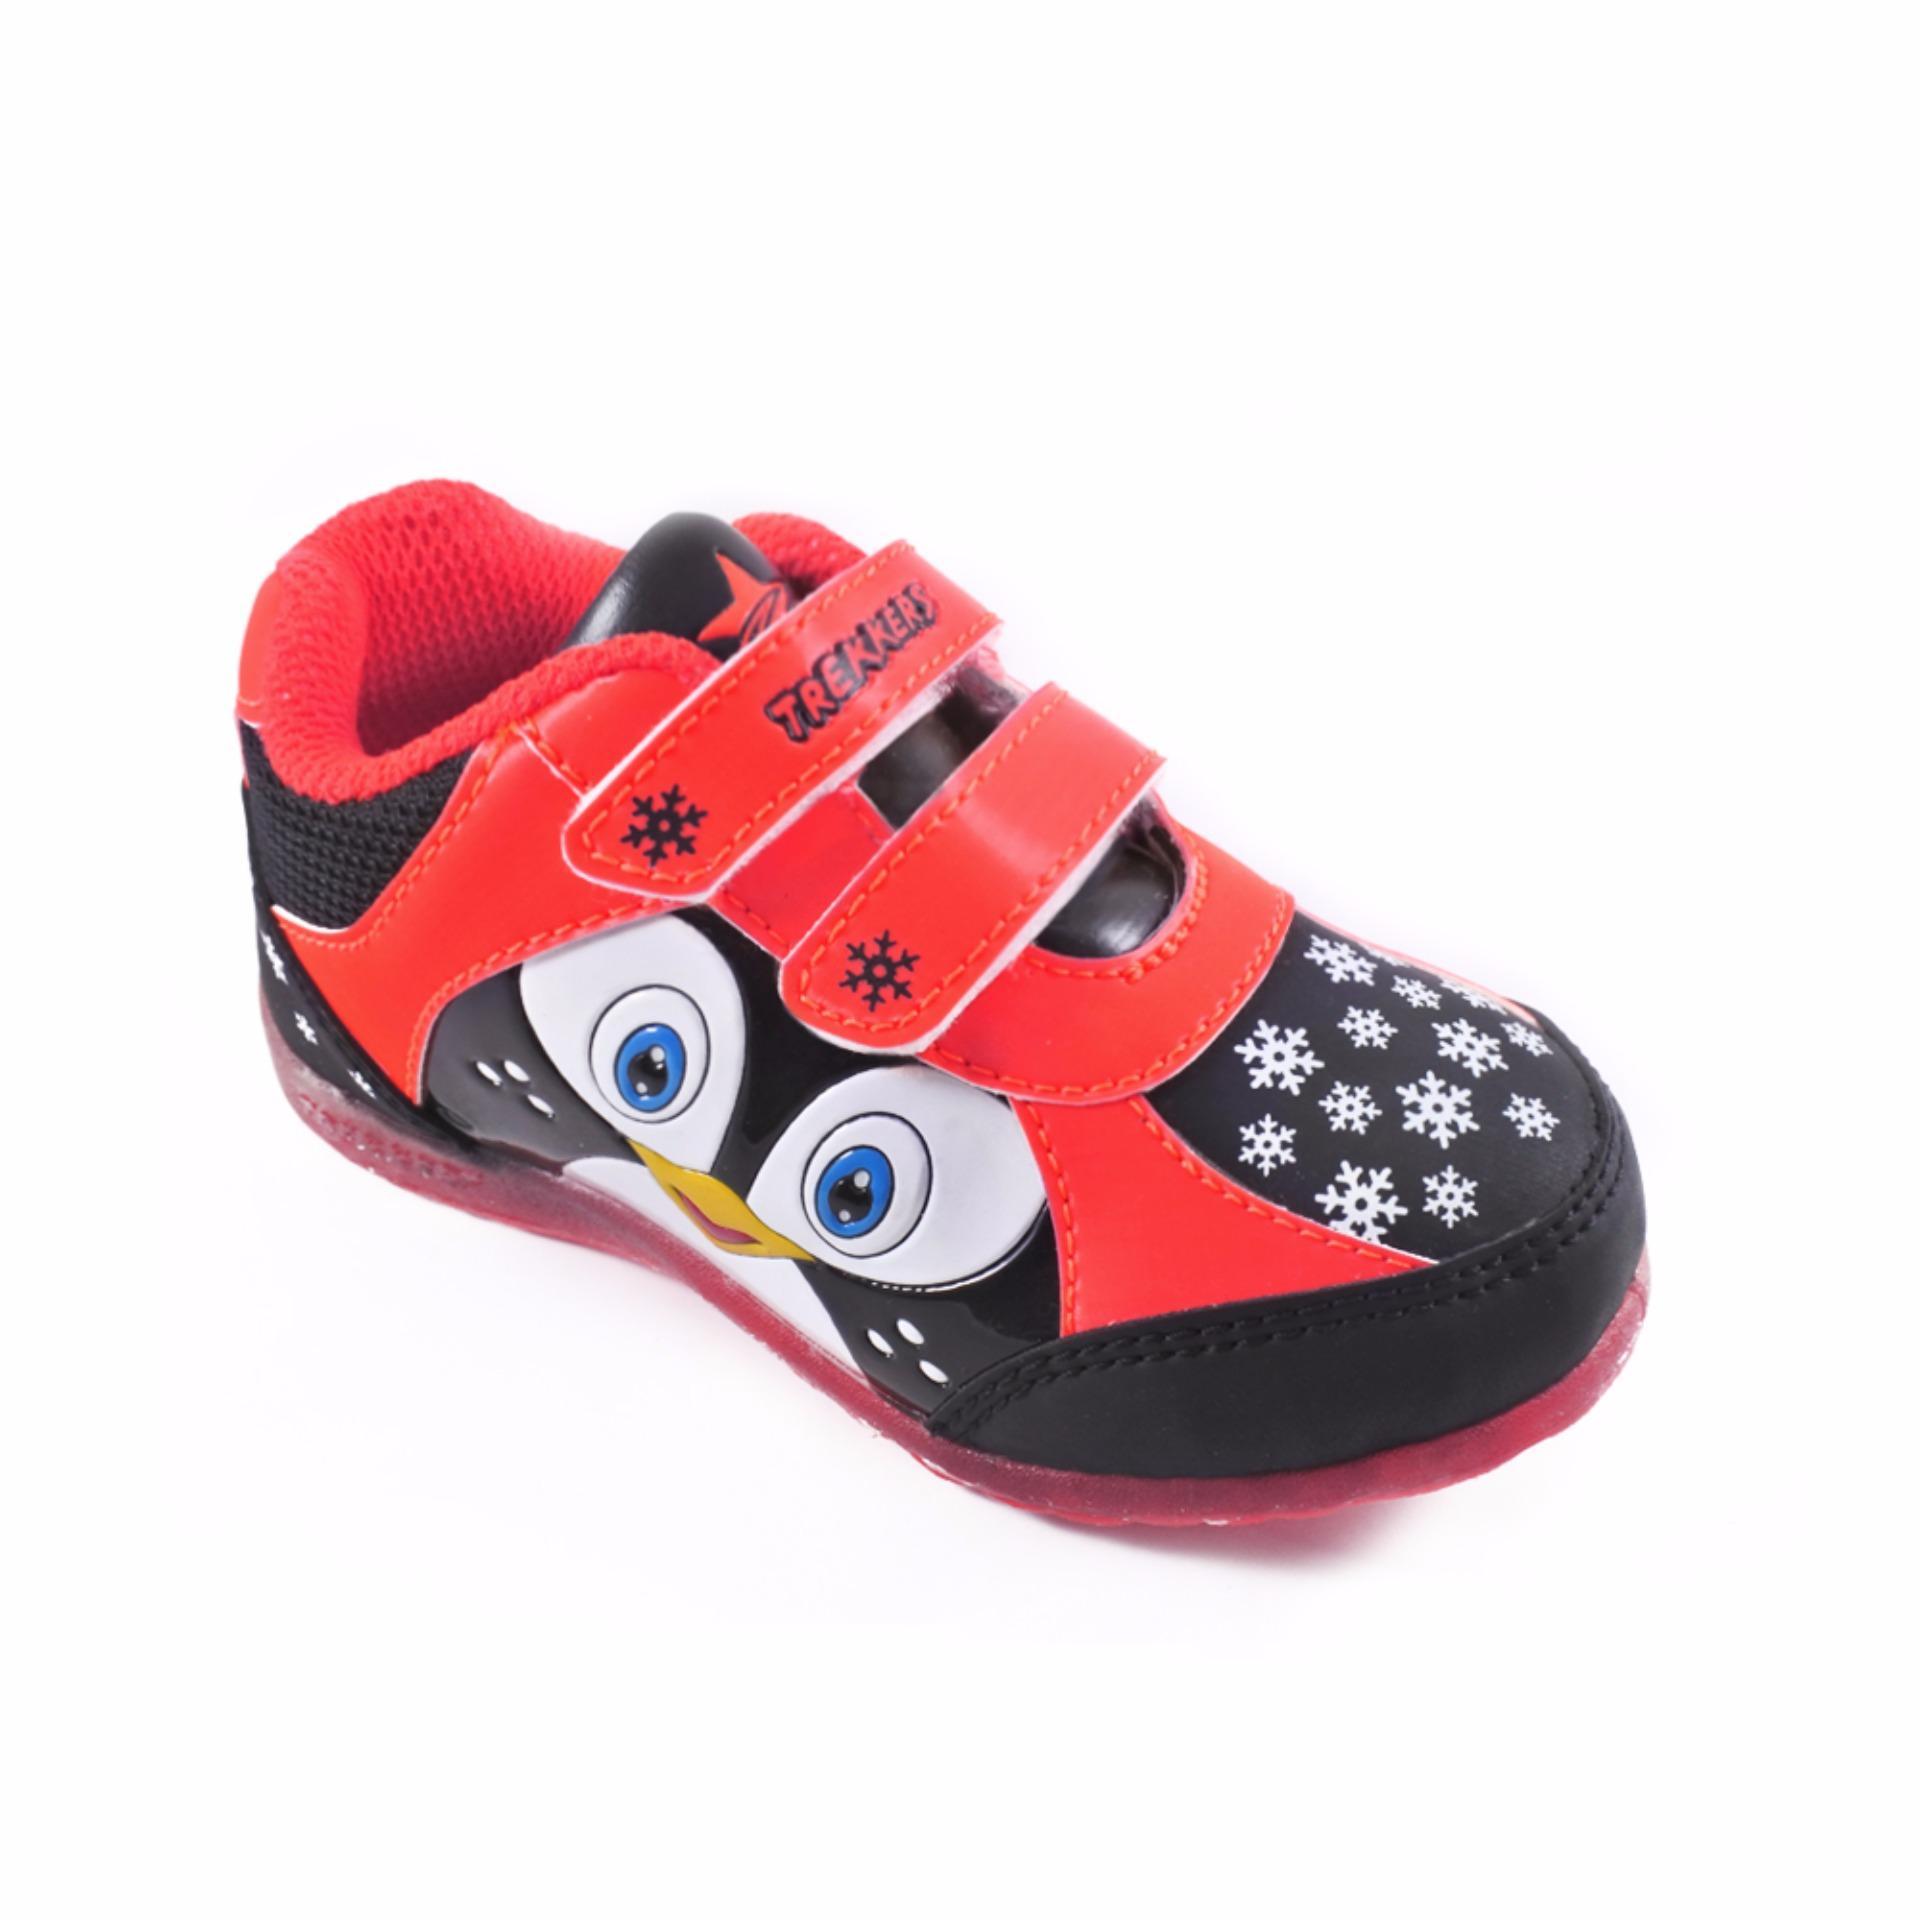 Trekkers Jb Bellagio 2 Sepatu Olahraga Laki Laki Warna Merah ... 377b4e5386